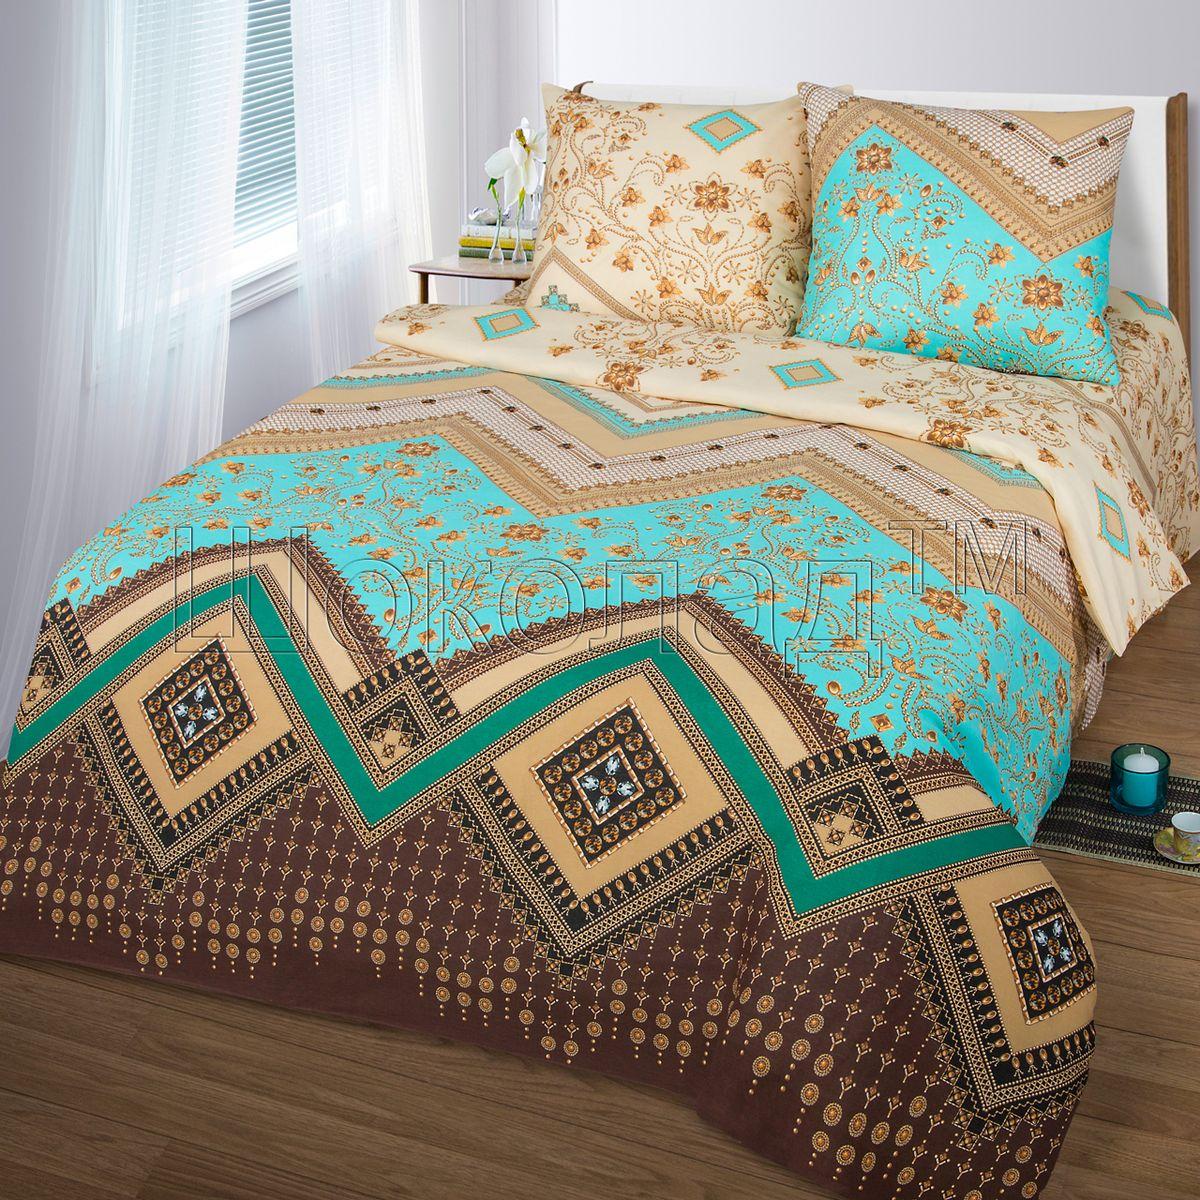 Комплект белья Шоколад Ривьера, 2-спальный, наволочки 70x70. Б104Б104